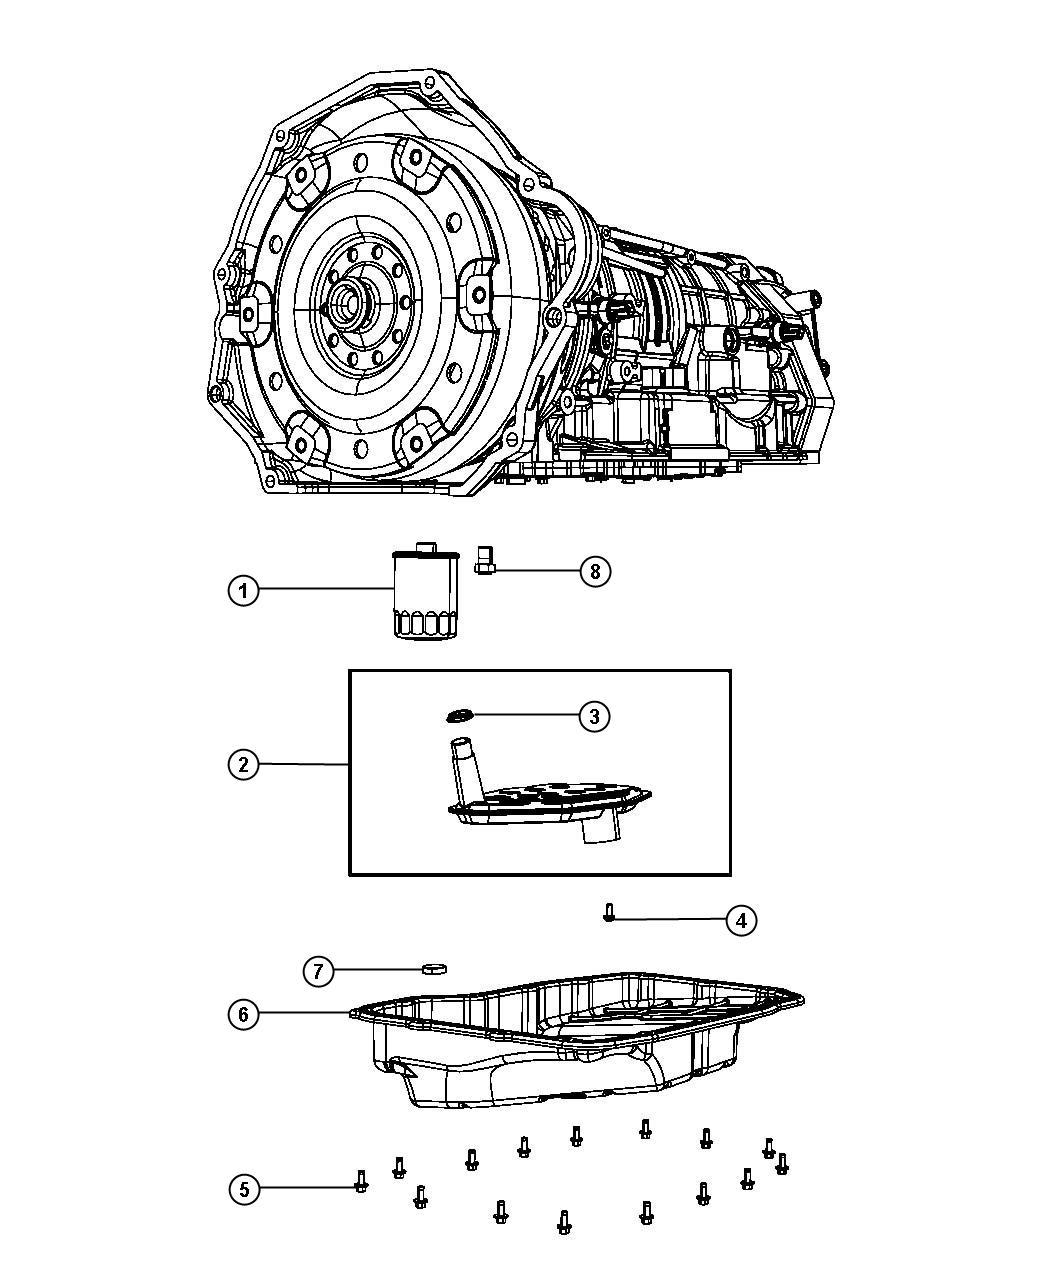 Dodge Ram 2500 Filter, filter package. Transmission oil